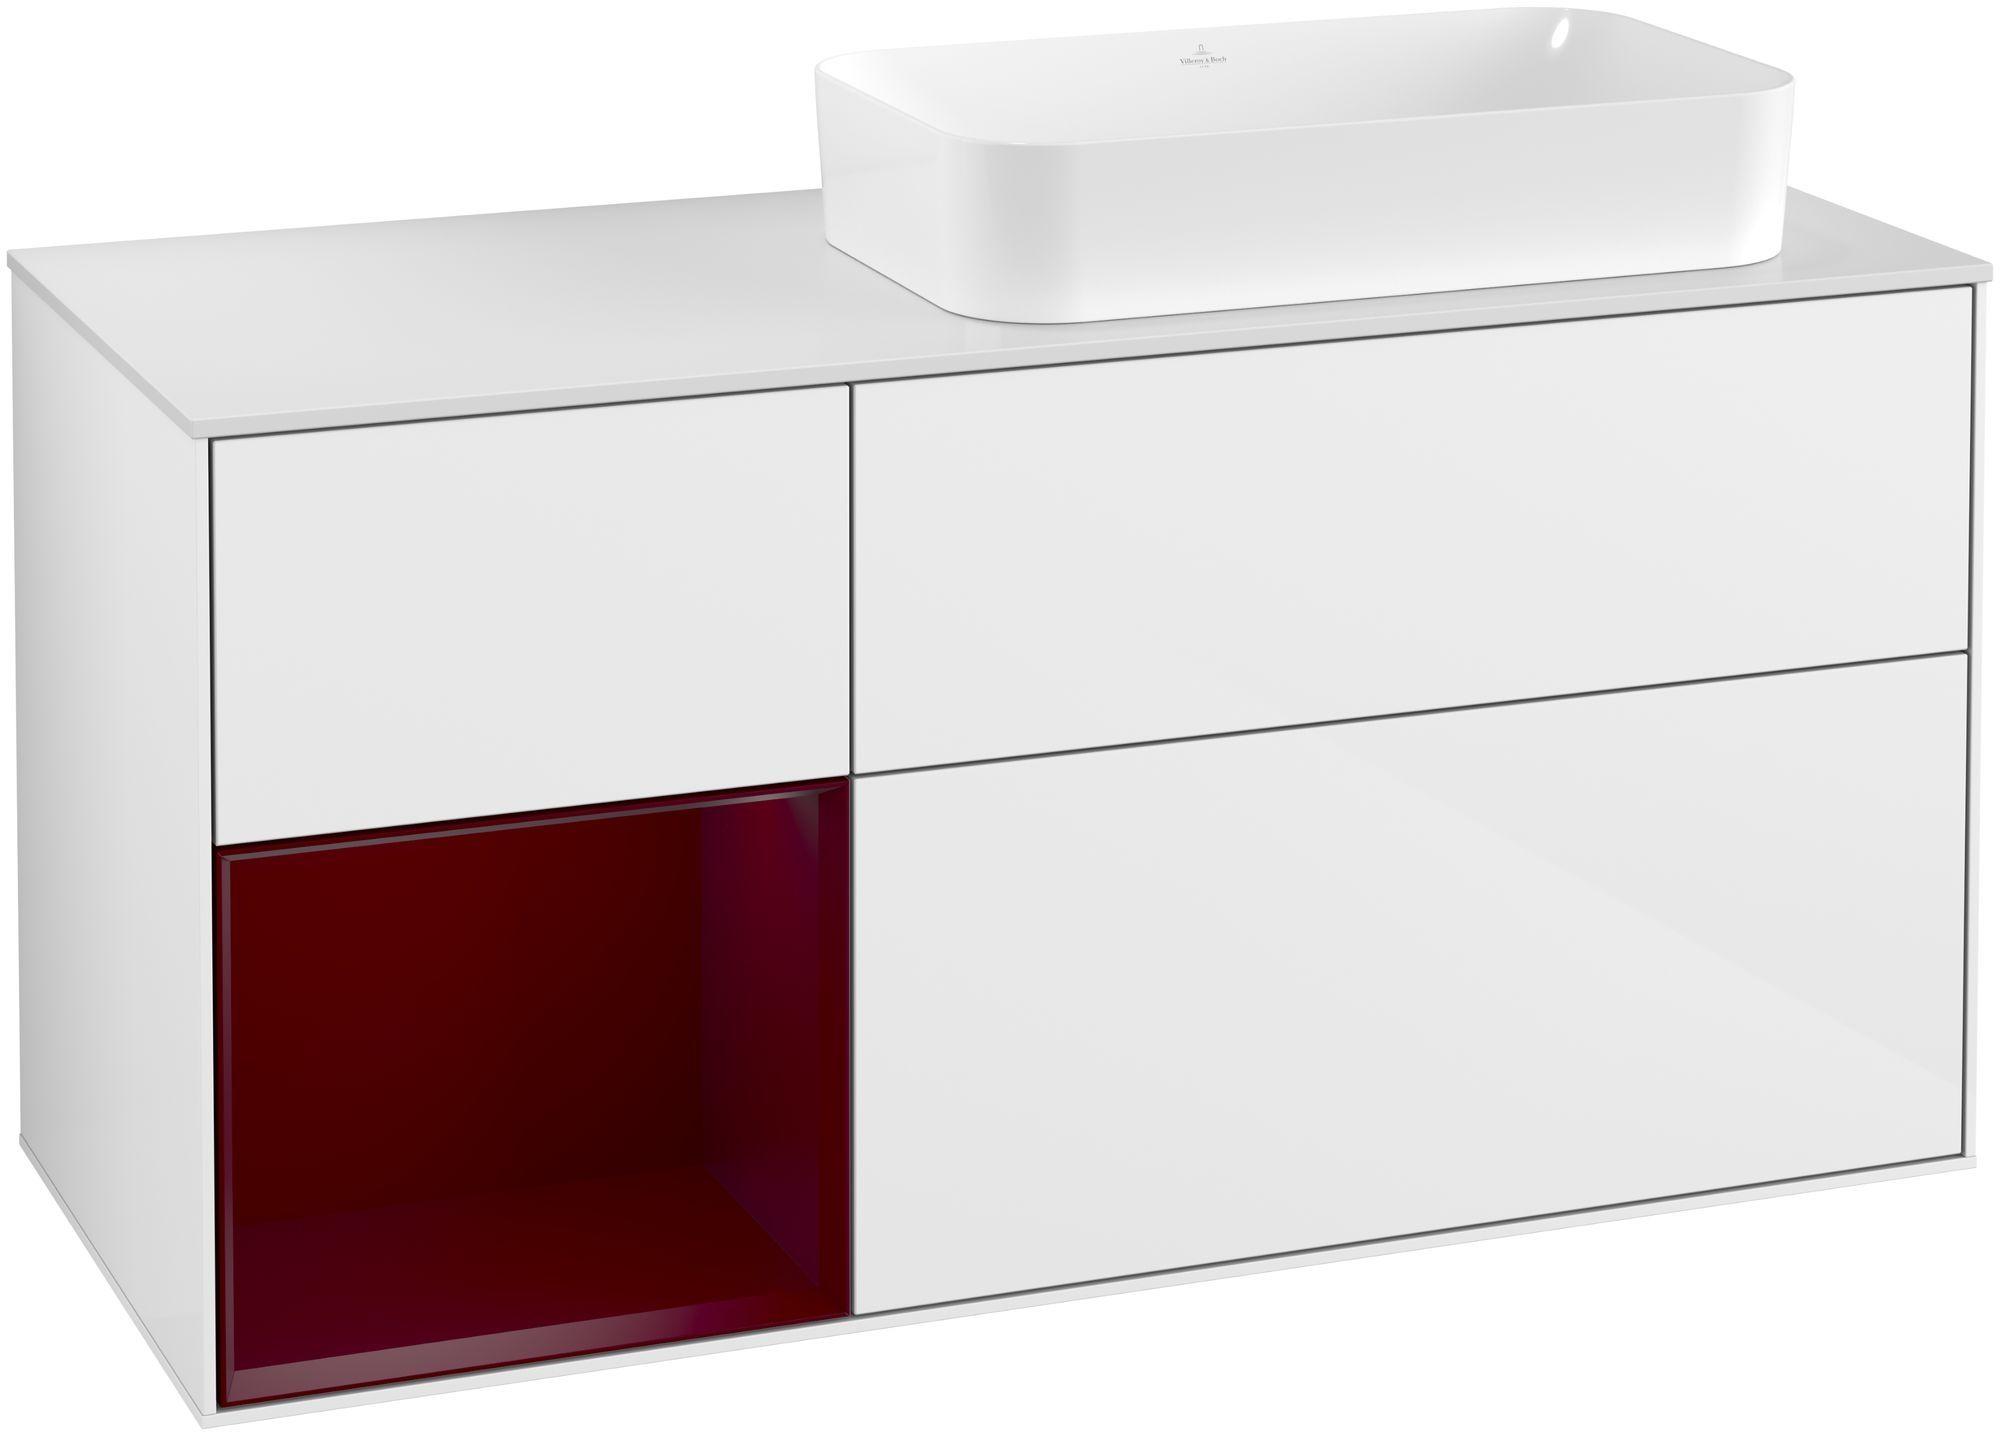 Villeroy & Boch Finion G27 Waschtischunterschrank mit Regalelement 3 Auszüge Waschtisch rechts LED-Beleuchtung B:120xH:60,3xT:50,1cm Front, Korpus: Glossy White Lack, Regal: Peony, Glasplatte: White Matt G271HBGF